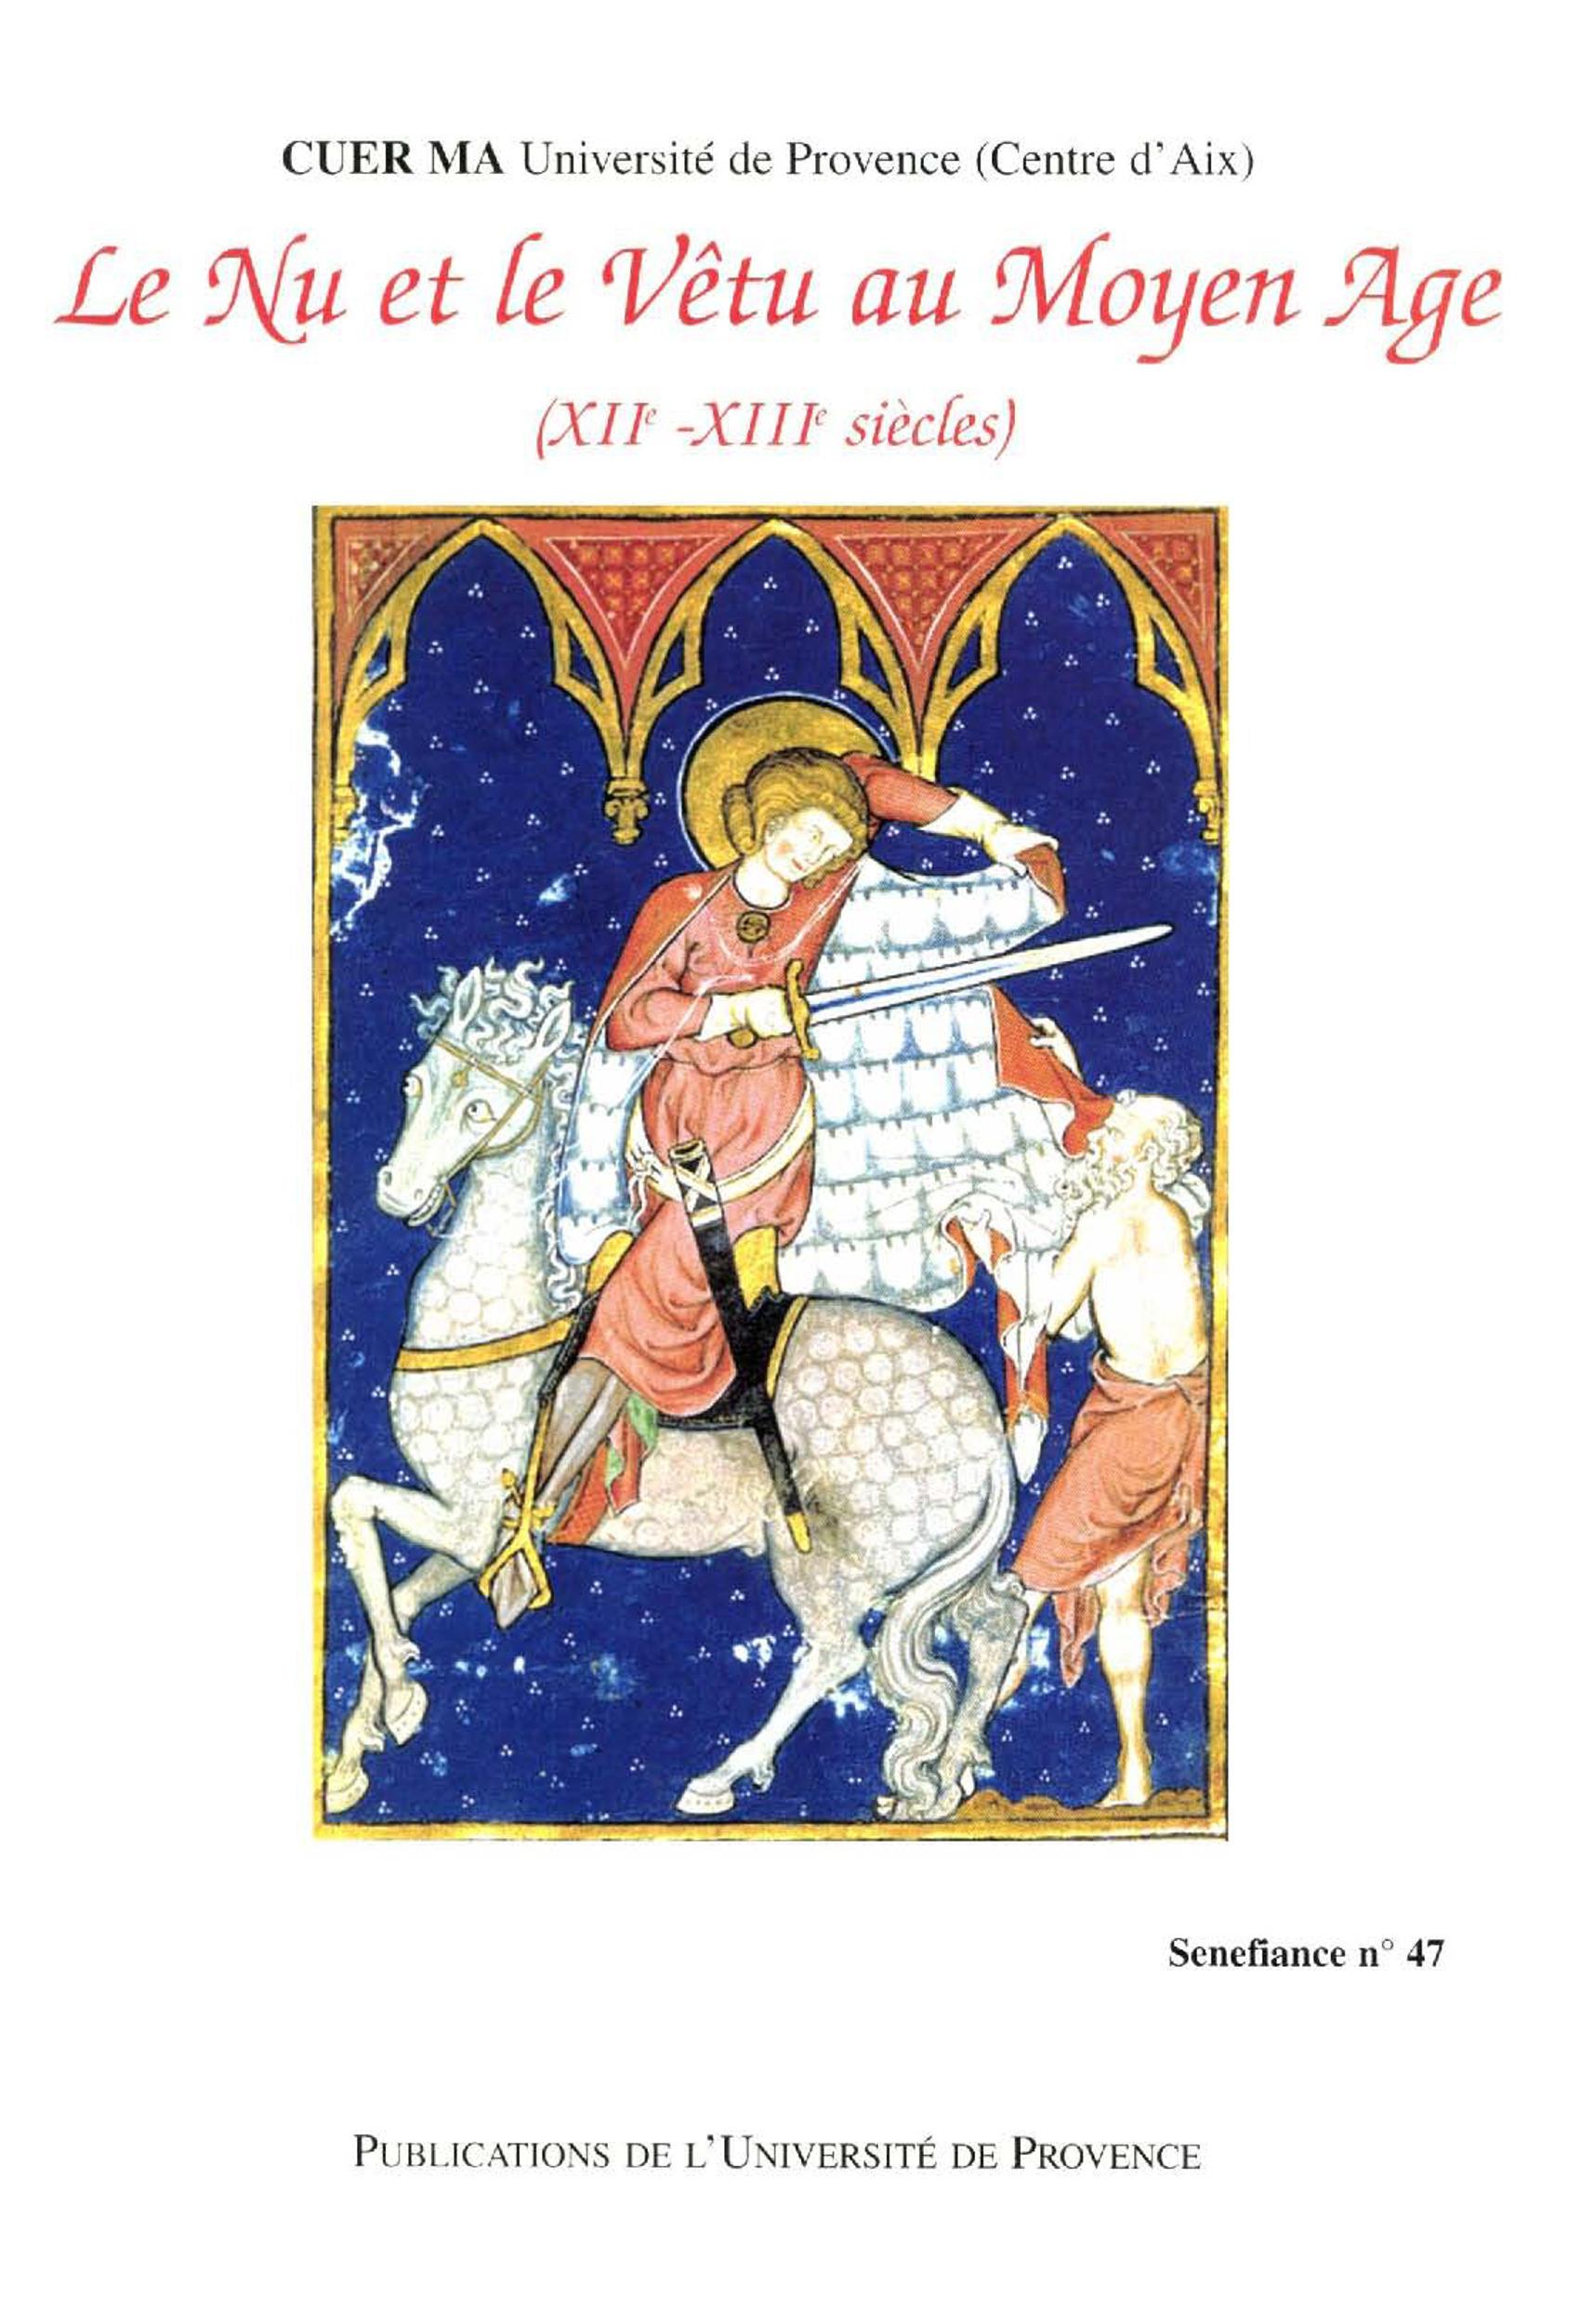 Le nu et le vêtu au Moyen Age, XIIe-XIIIe siecles